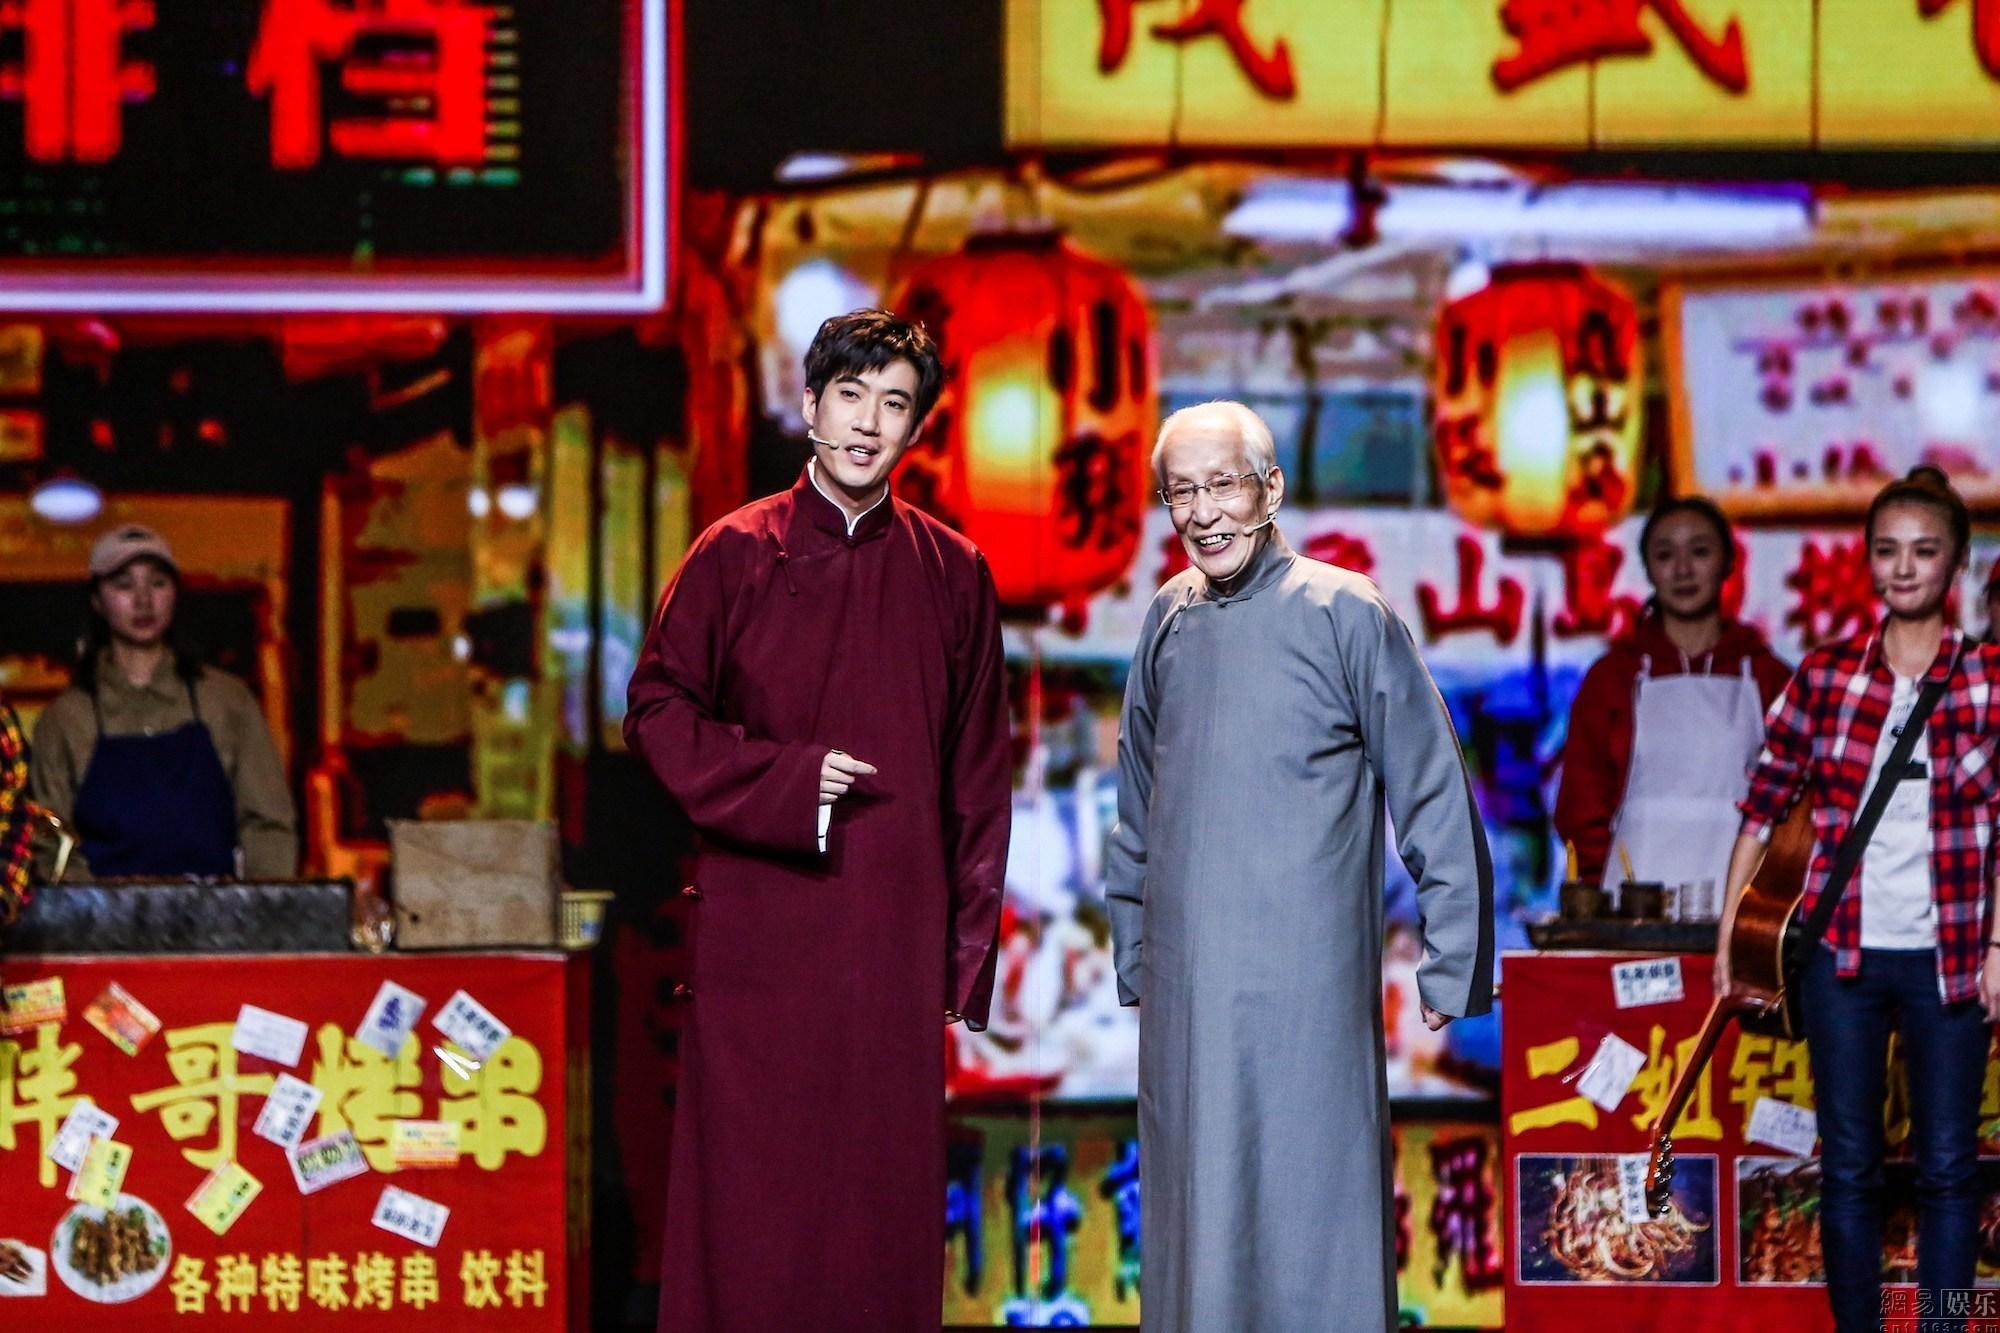 欢乐喜剧人第六季:白凯南版美猴王成功晋级,师父方清平鼎力助阵